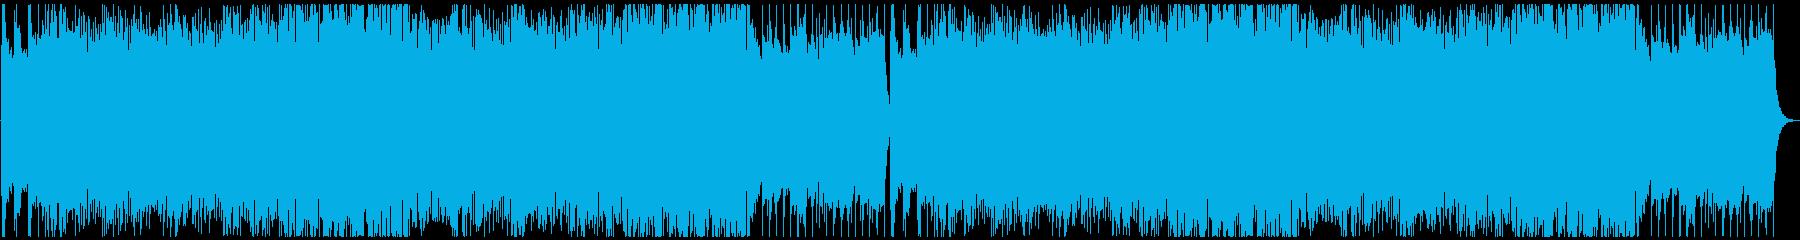 フォークメタル戦闘曲の再生済みの波形